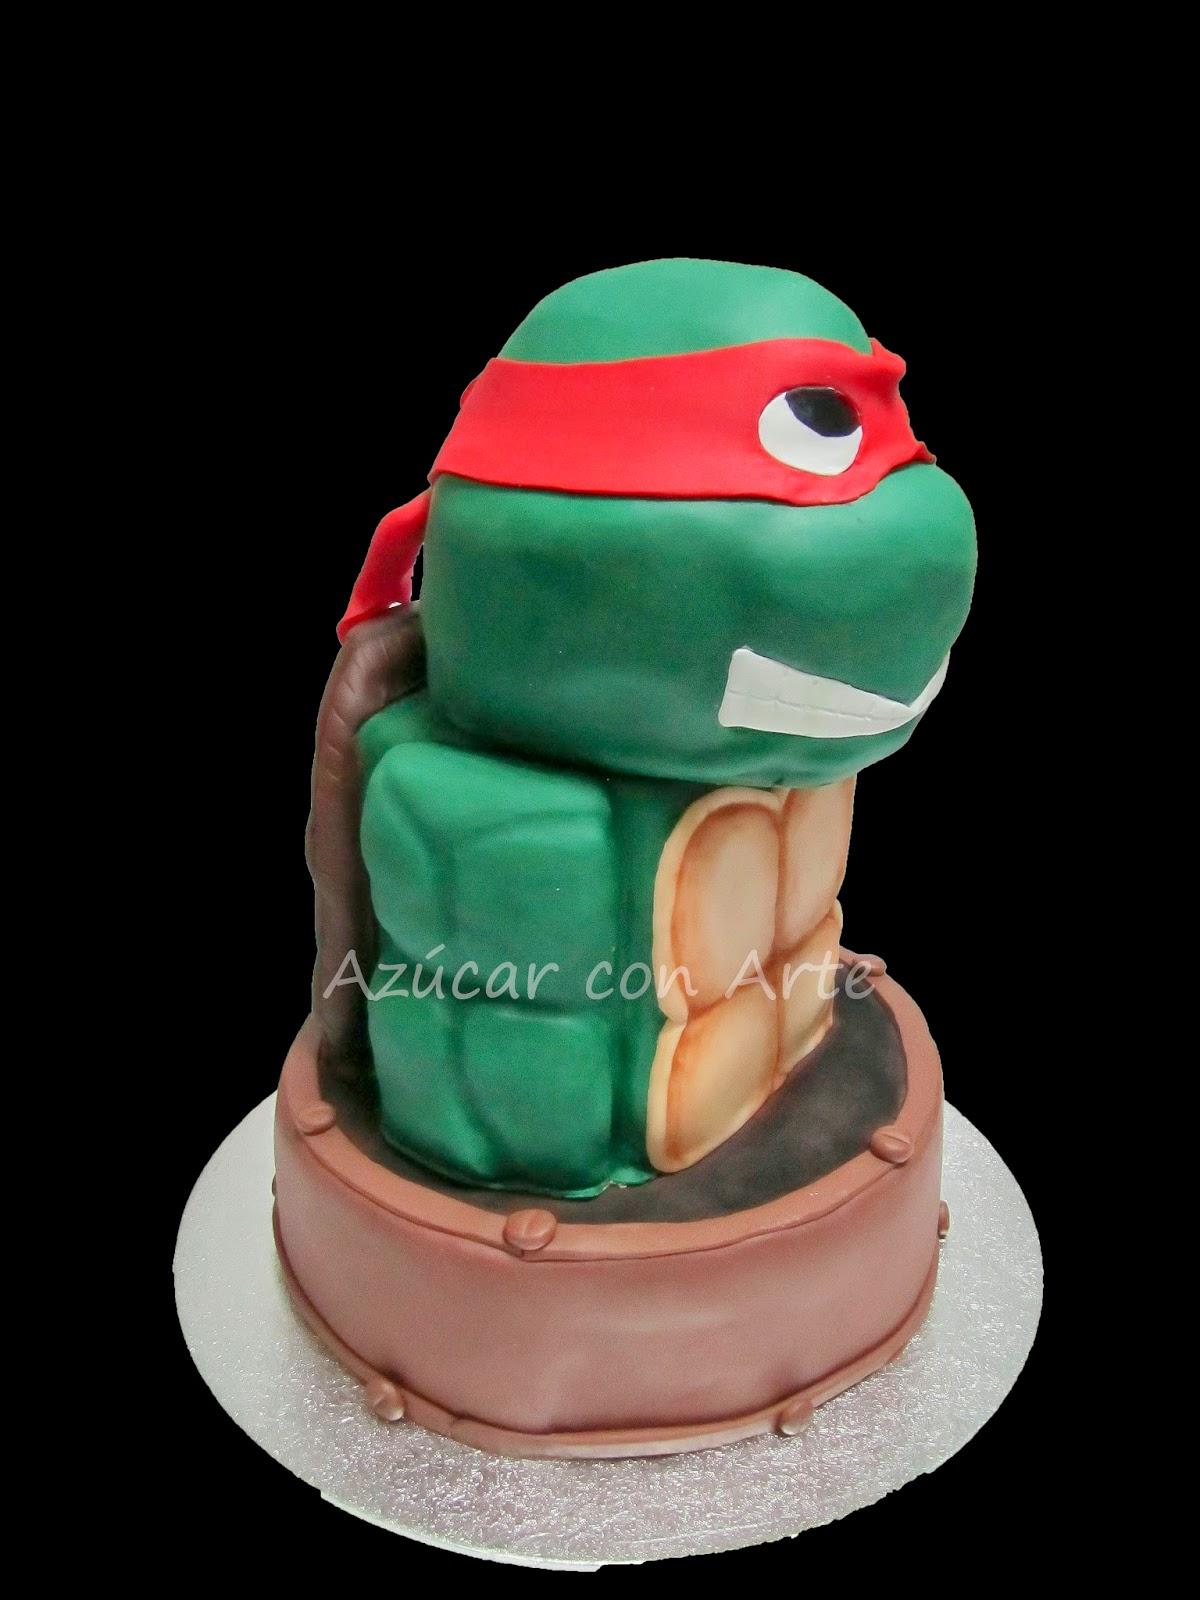 turtles cake, tarta tortuga ninja, tarta sin gluten, gluten free cake | azucar con arte